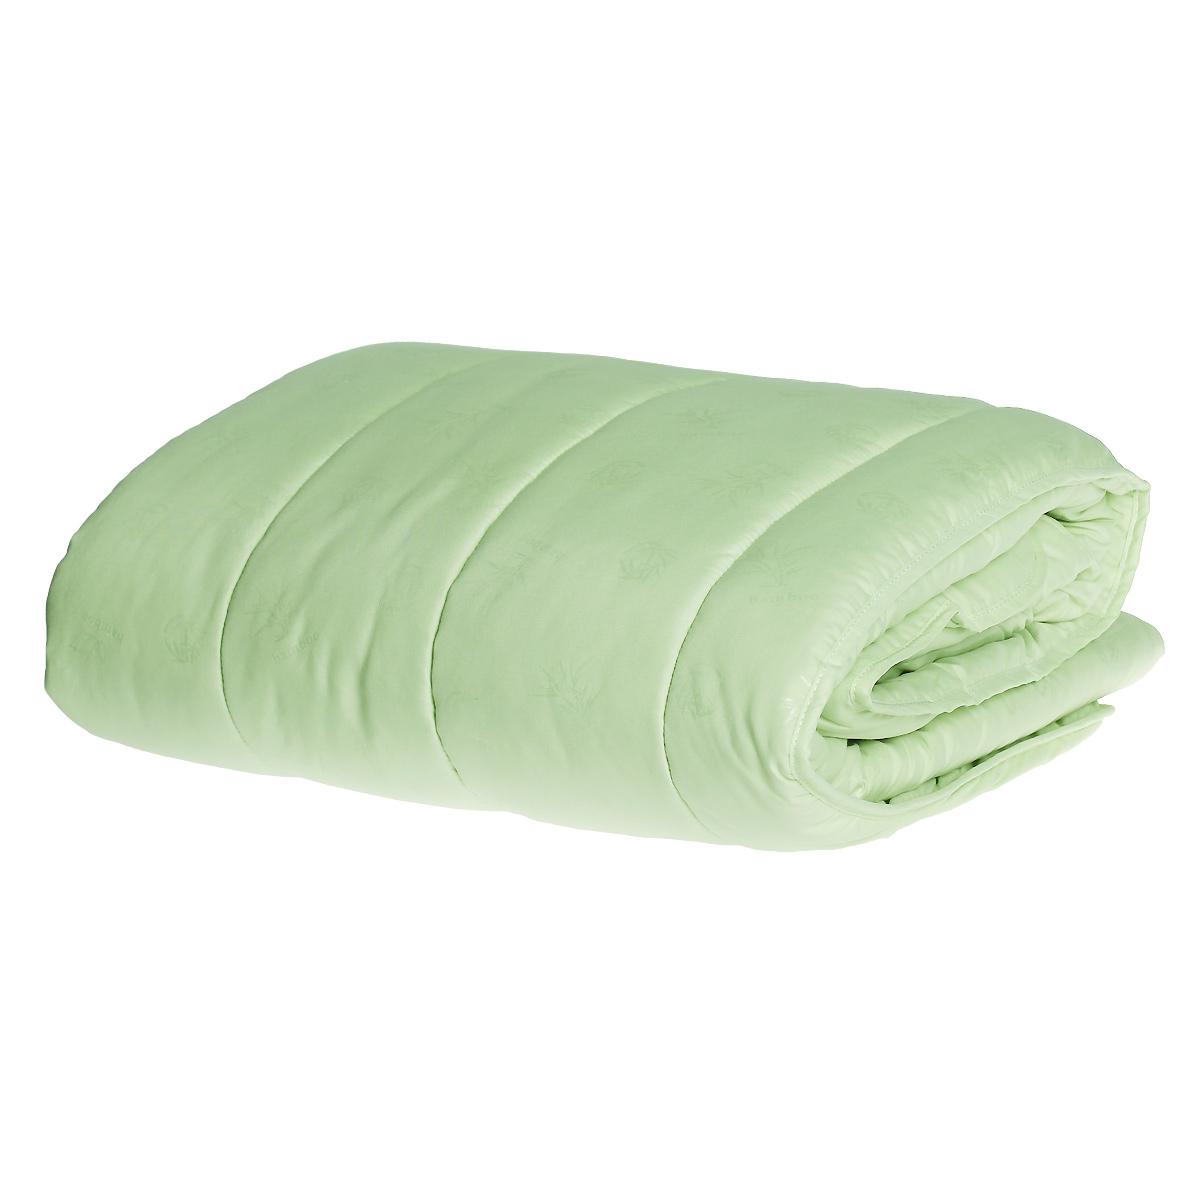 Одеяло облегченное OL-Tex Miotex, наполнитель: волокно бамбука, цвет: фисташковый, 172 х 205 см200(32)04-ОШТеплое и уютное одеяло OL-Tex Miotex подарит комфорт и уют во время сна. Чехол изделия выполнен из микрофибры фисташкового цвета, оформлен стежкой и кантом по краю. Стежка равномерно удержит наполнитель в чехле, а окантовка держит форму изделия. Обладает всеми полезными свойствами бамбукового волокна - не накапливает пыль и запахи, совершенно антиаллергенно. Не теряет своих качеств при многократных стирках. Легкое летнее одеяло, за которым легко ухаживать - прекрасный выбор. Рекомендации по уходу:- Ручная и машинная стирка при температуре 30°С.- Не гладить.- Не отбеливать. - Нельзя отжимать и сушить в стиральной машине.- Сушить вертикально. Размер одеяла: 172 см х 205 см. Материал чехла: микрофибра (100% полиэстер). Материал наполнителя: волокно бамбука. Плотность: 200 г/м2.